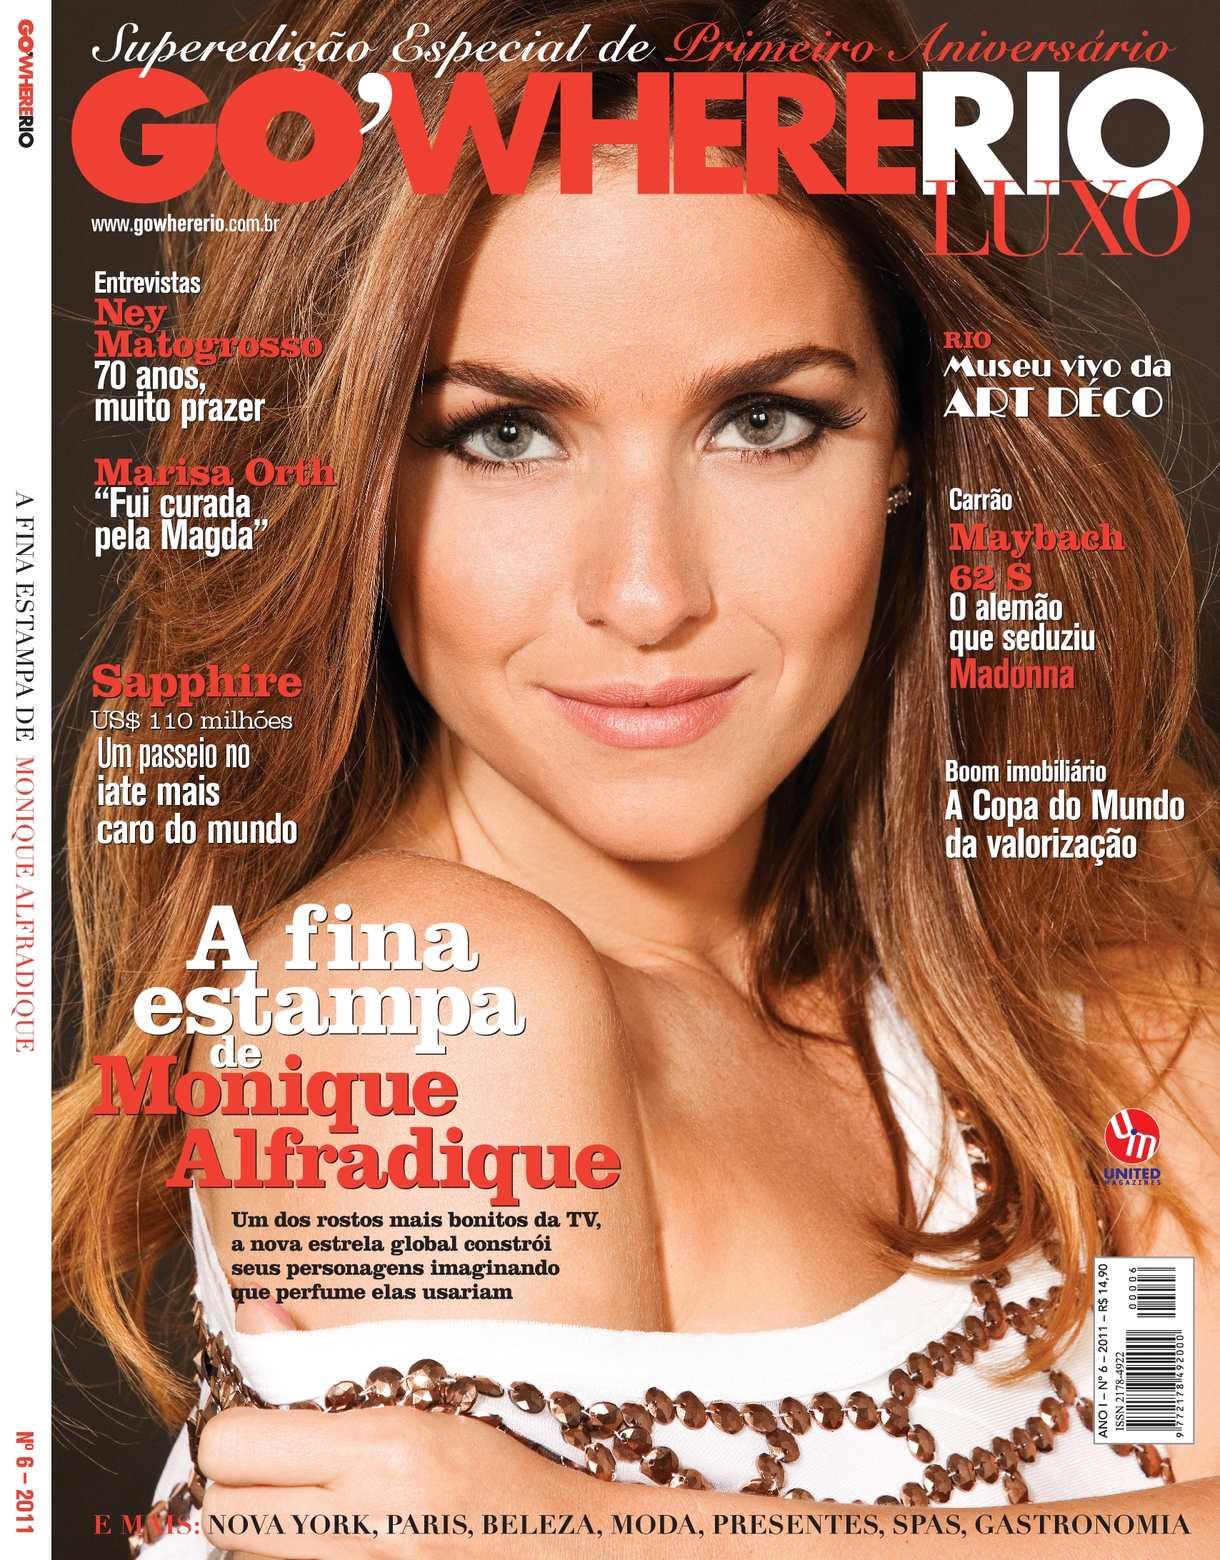 d4d3ac76ef8 Calaméo - Revista Go Where Rio Edição 06